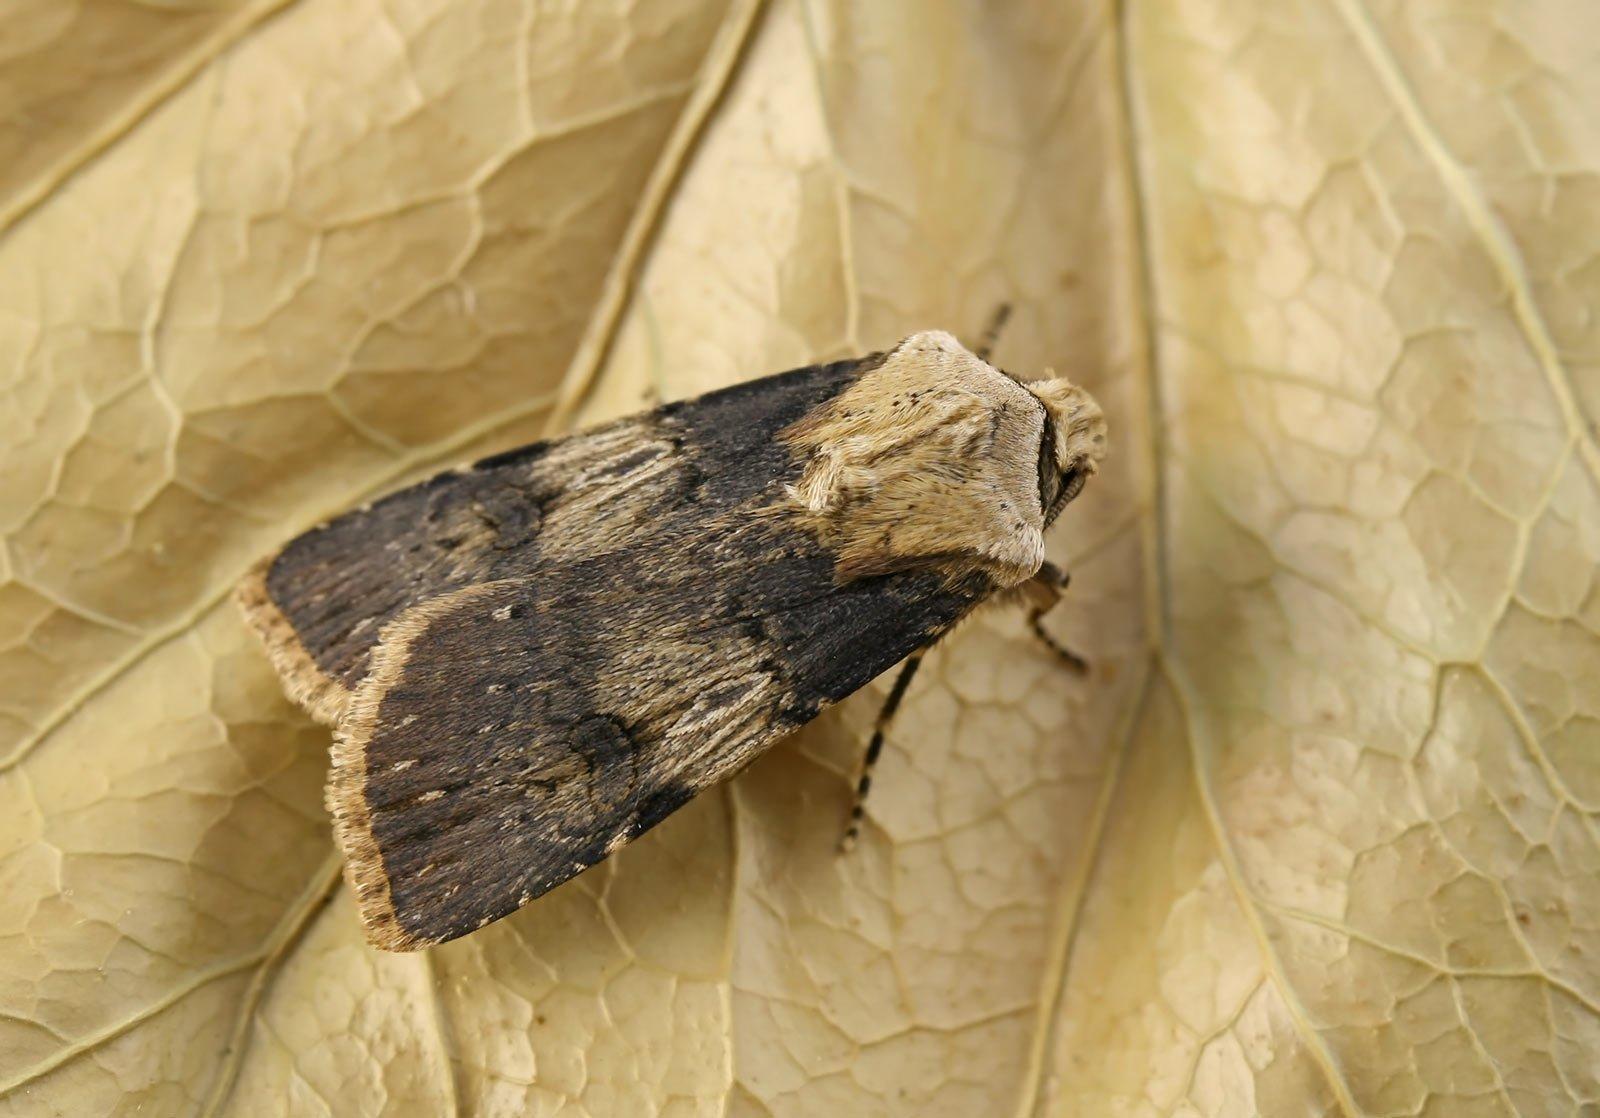 Die Schmalflügelige Erdeule, Agrotis puta, auf einem Blatt.